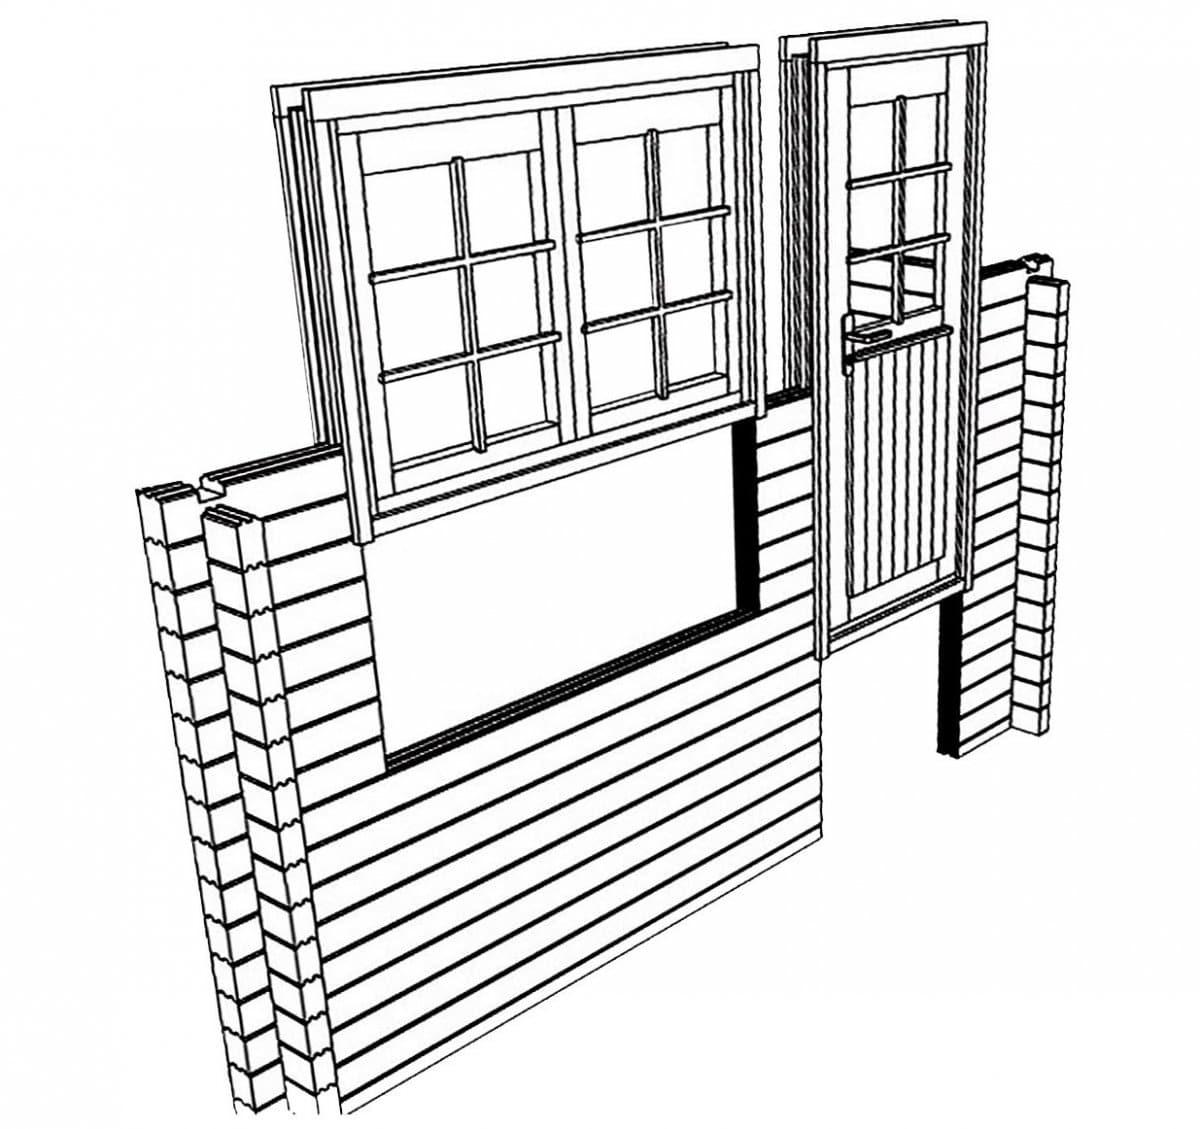 Gartenhaus Montage: Wände, Türen und Fenster